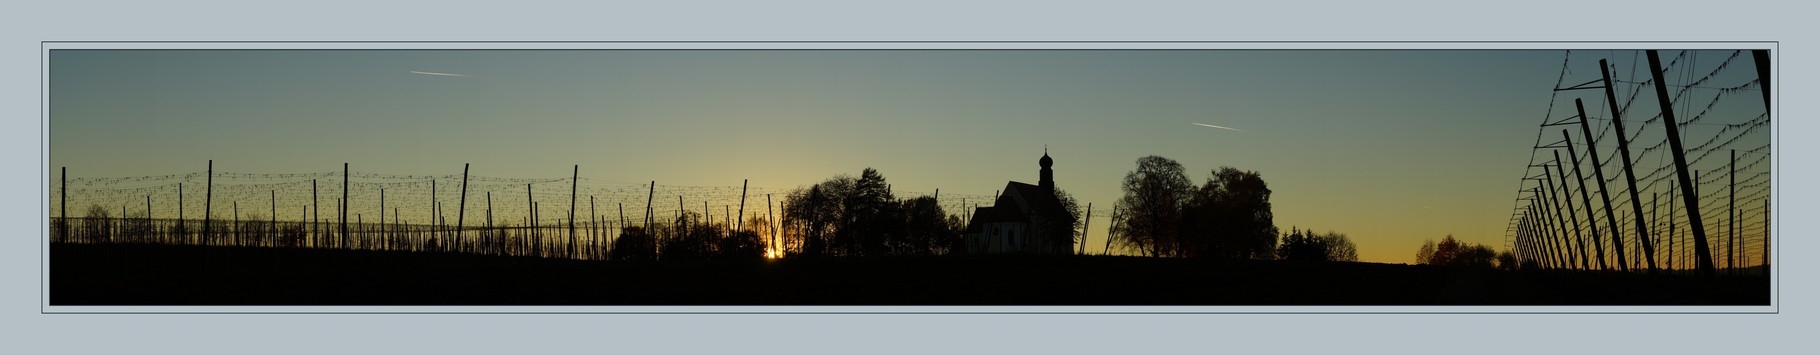 Hopfengarten Panorama Bild 12